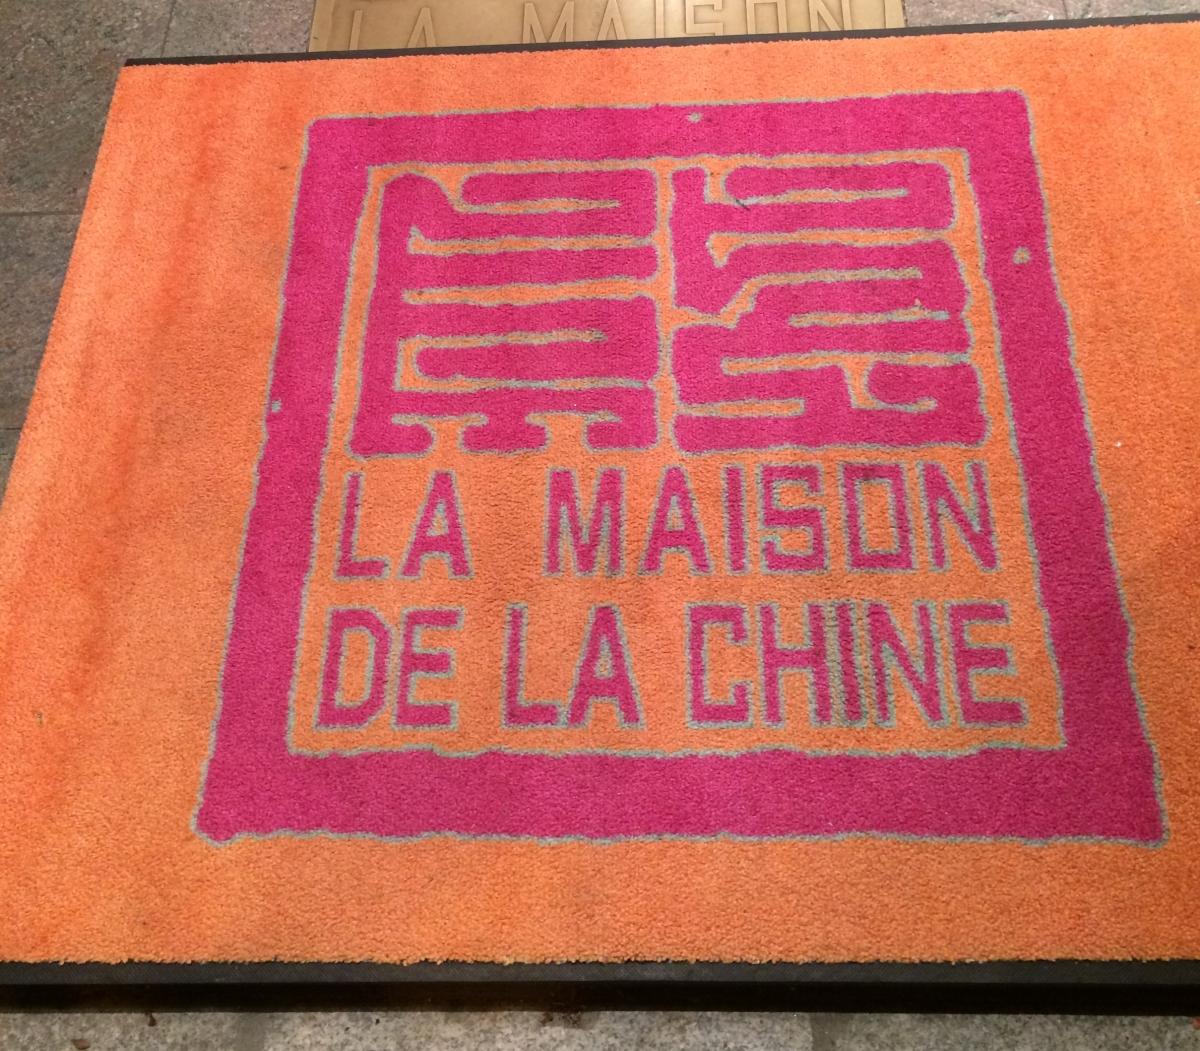 Tea time la maison de la chine - Maison de la chine paris ...